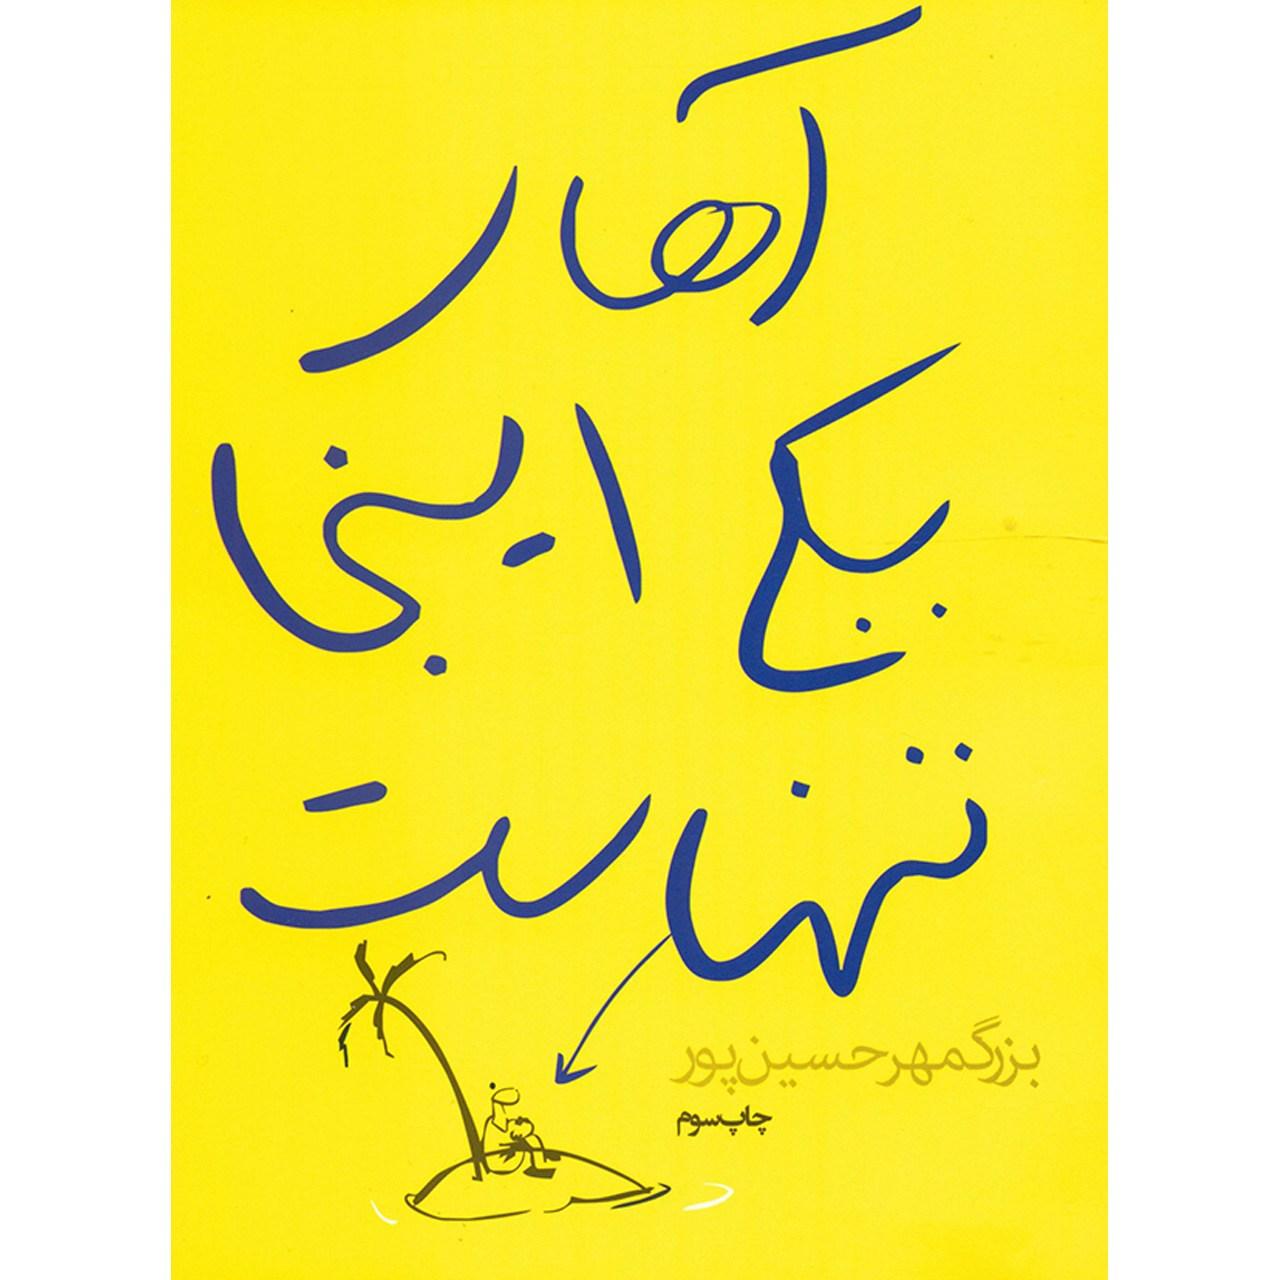 کتاب آهای یکی اینجا تنهاست اثر بزرگمهر حسین پور